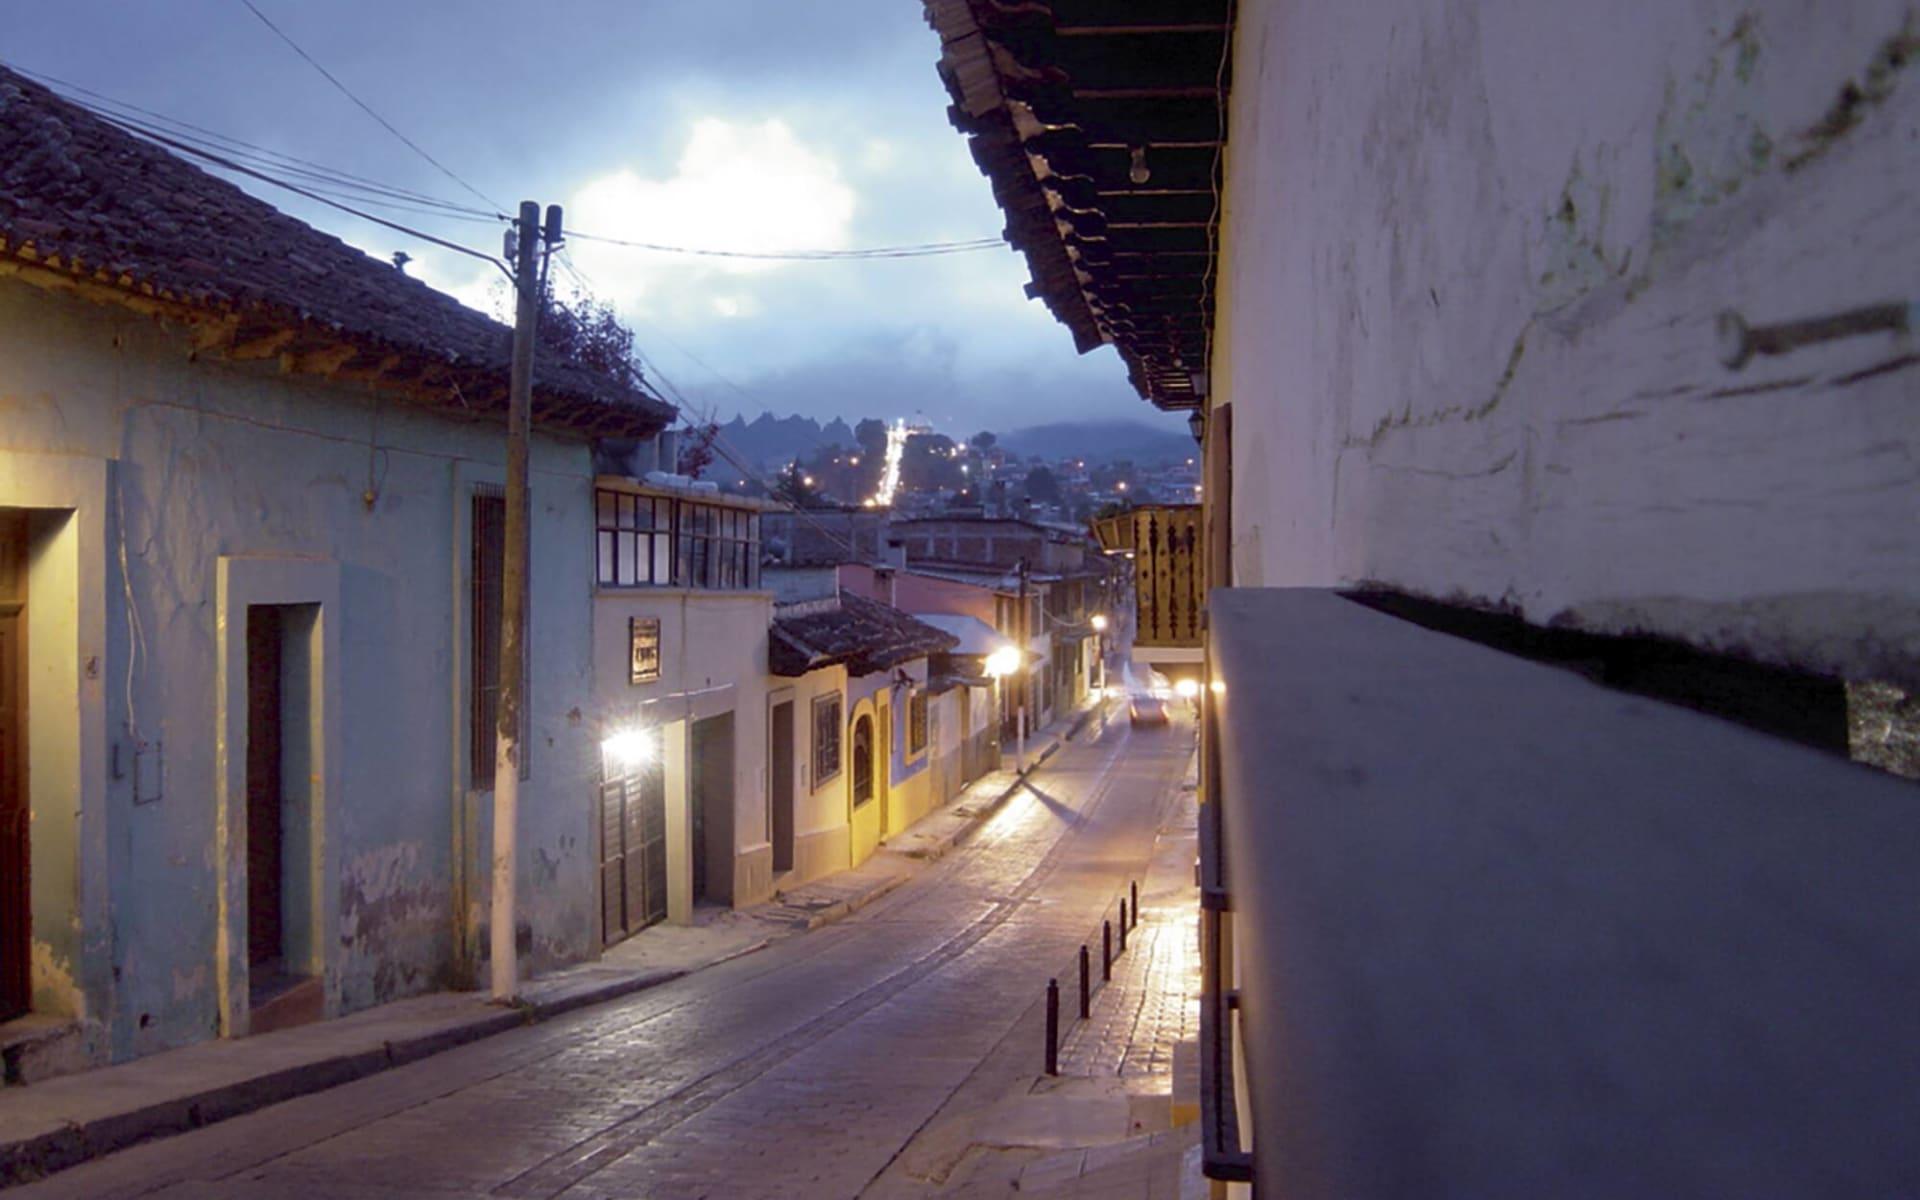 Gruppenreise Mexiko Klassik ab Mexico City: Mexico - San Cristobal - Stadtstrasse